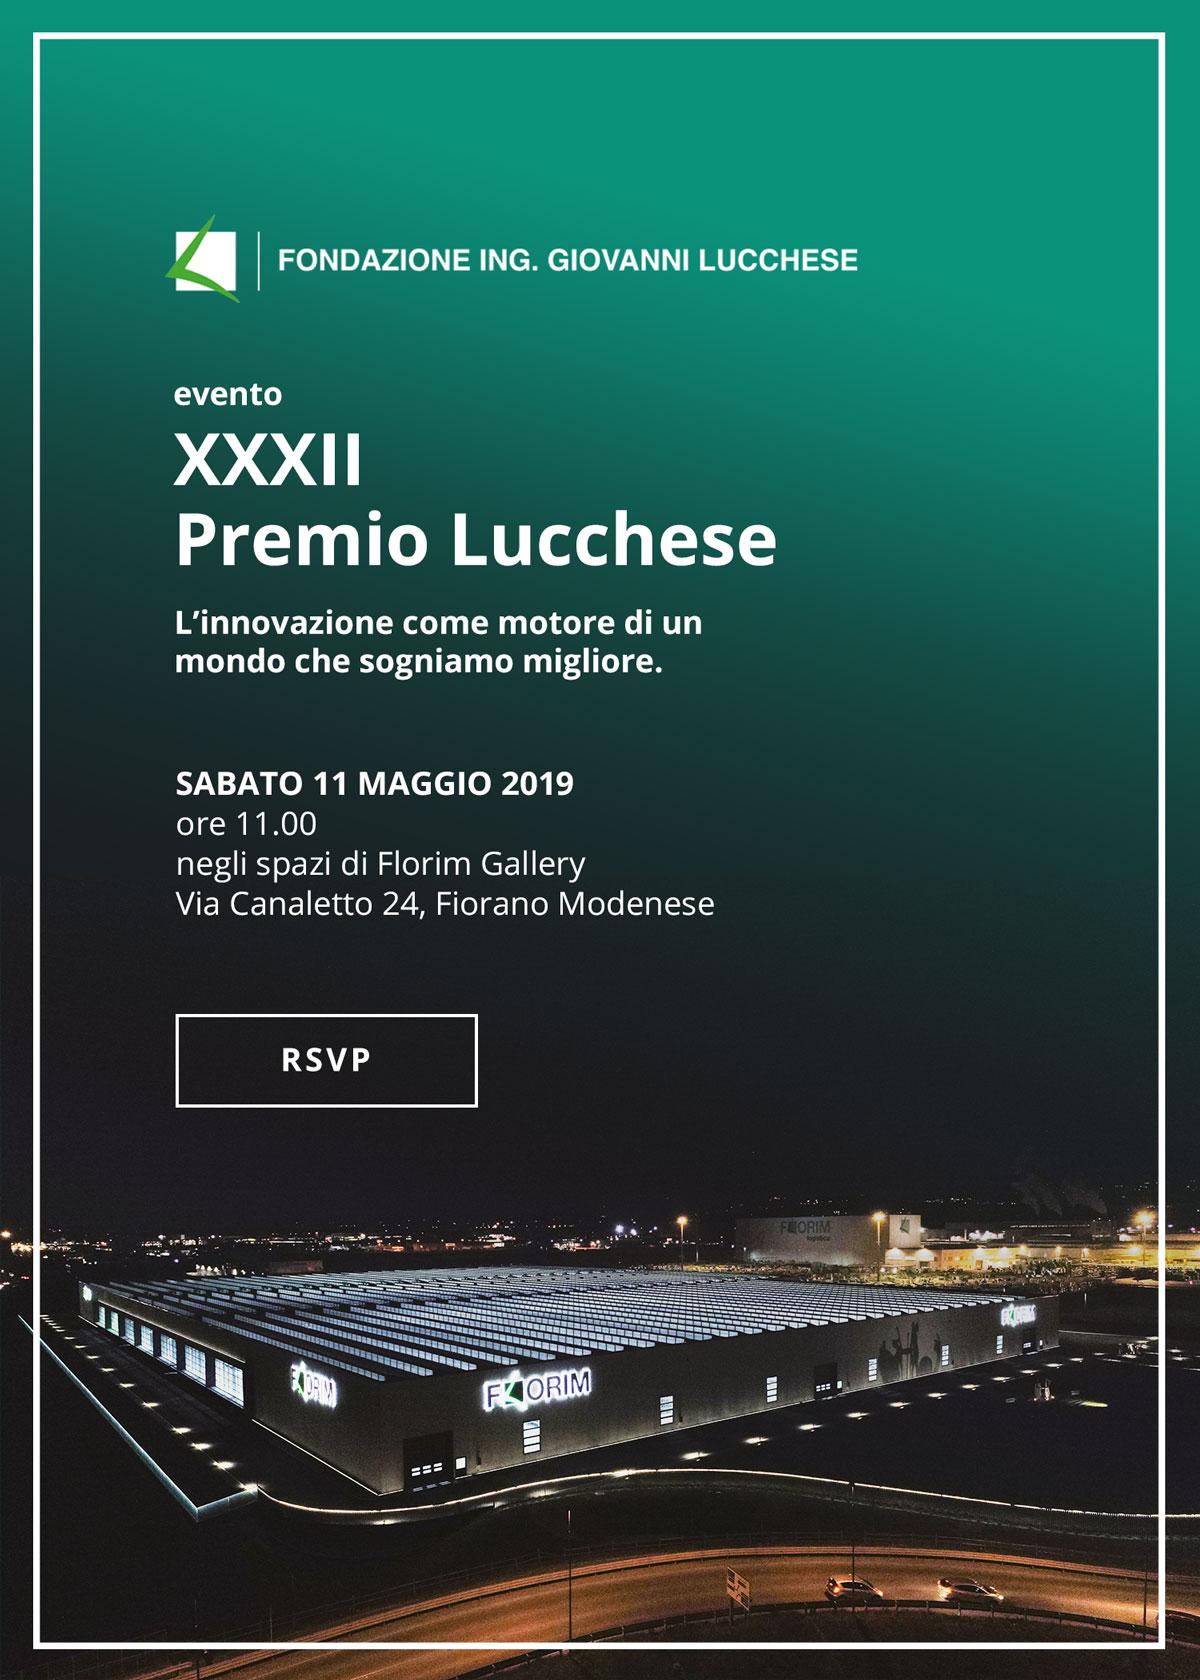 La XXXII edizione del Premio Lucchese